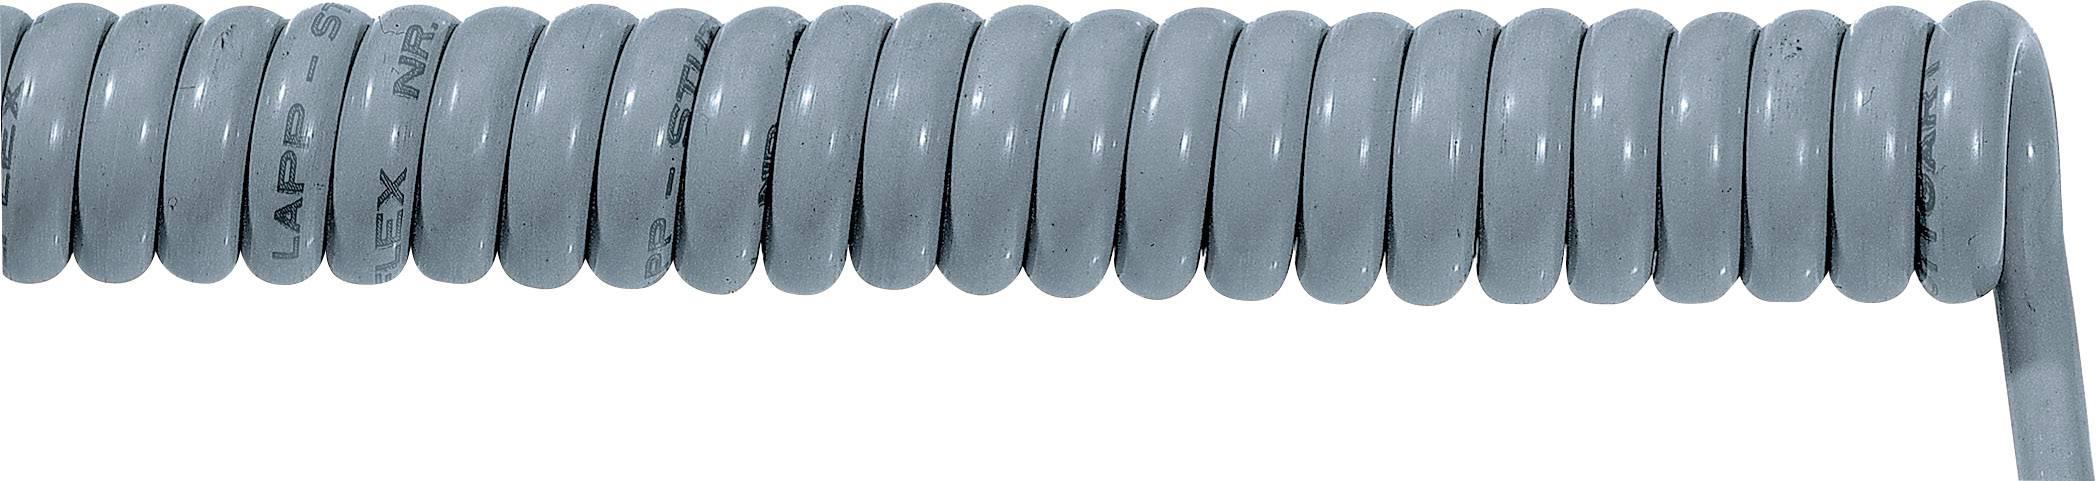 Špirálový kábel 70002659 ÖLFLEX® SPIRAL 400 P 4 x 1 mm², 2000 mm / 6000 mm, sivá